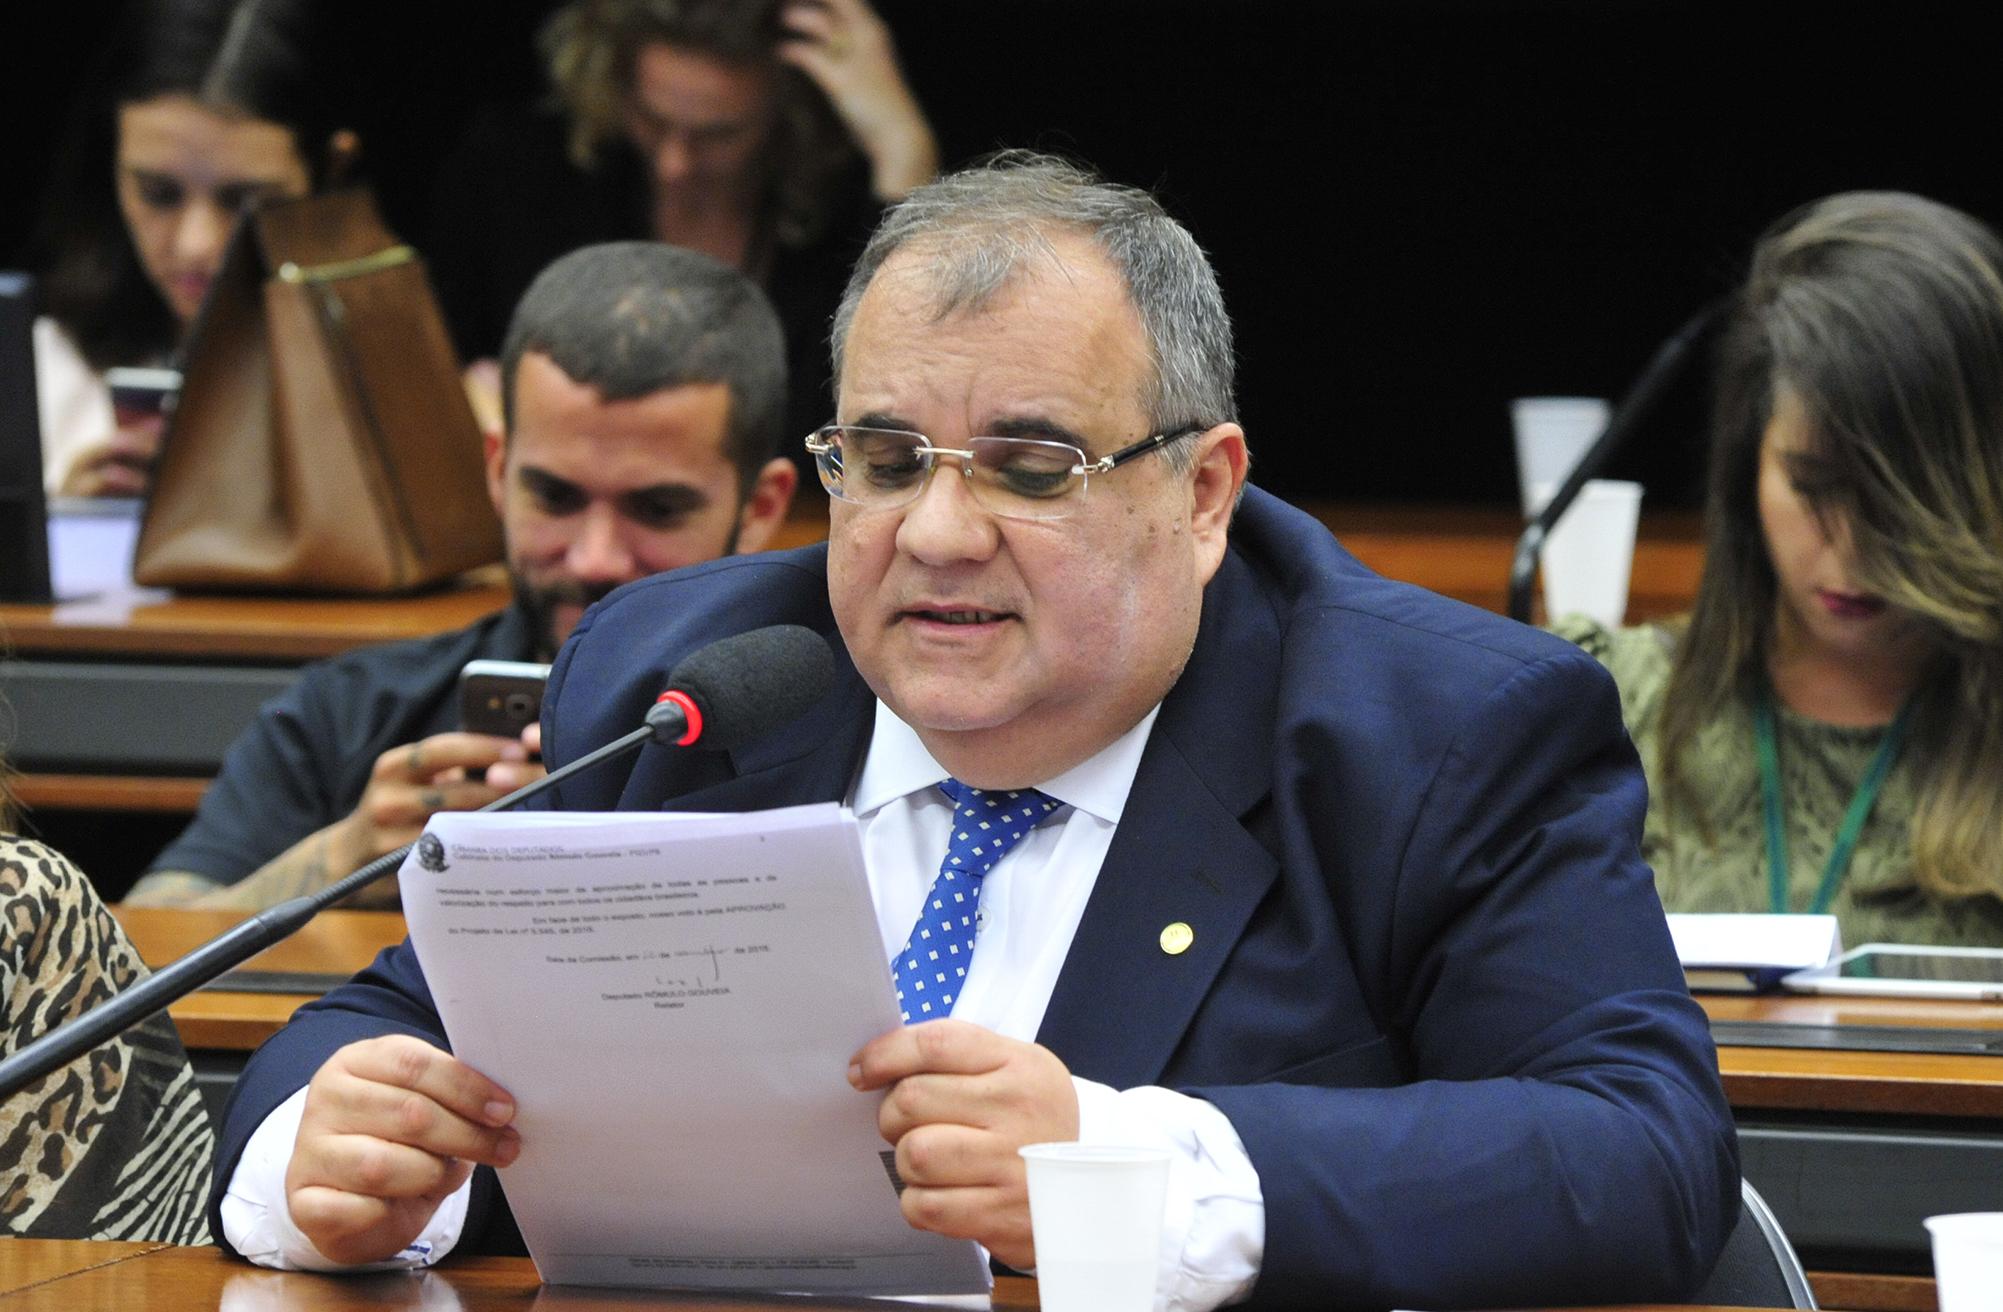 Reunião Ordinária. Dep. Rômulo Gouveia (PSD-PB)